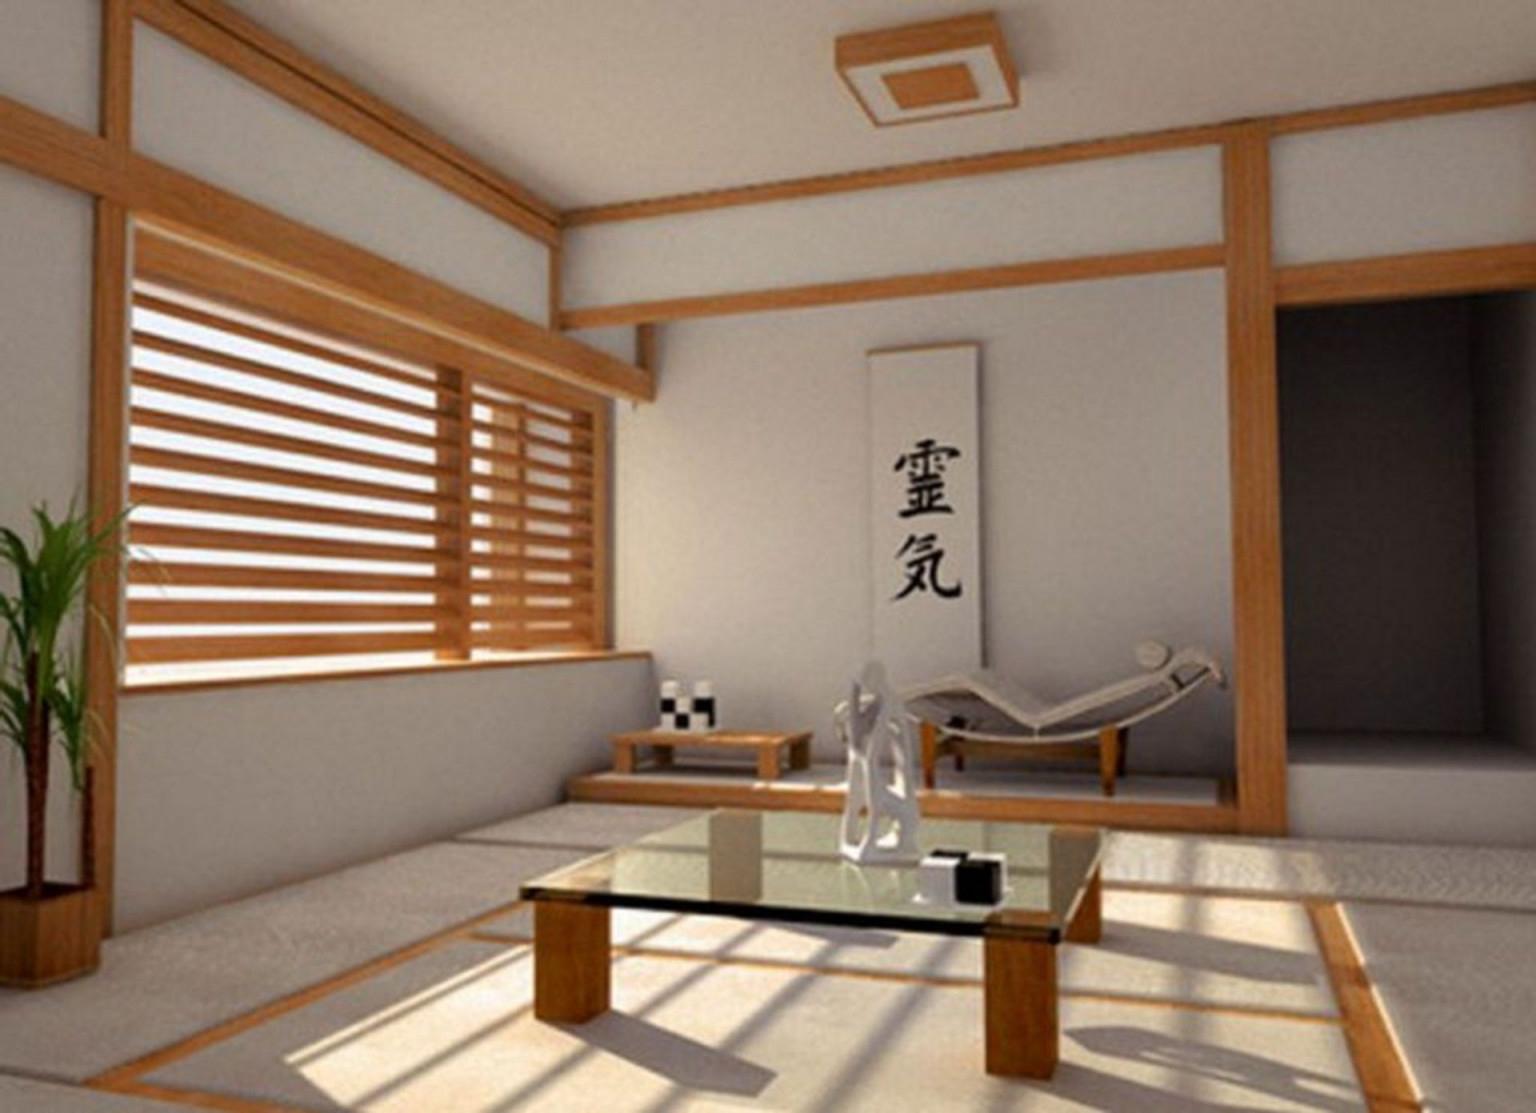 Glamorousjapanesehomestylerecipeswiththesims3 von Wohnzimmer Japanisch Einrichten Photo